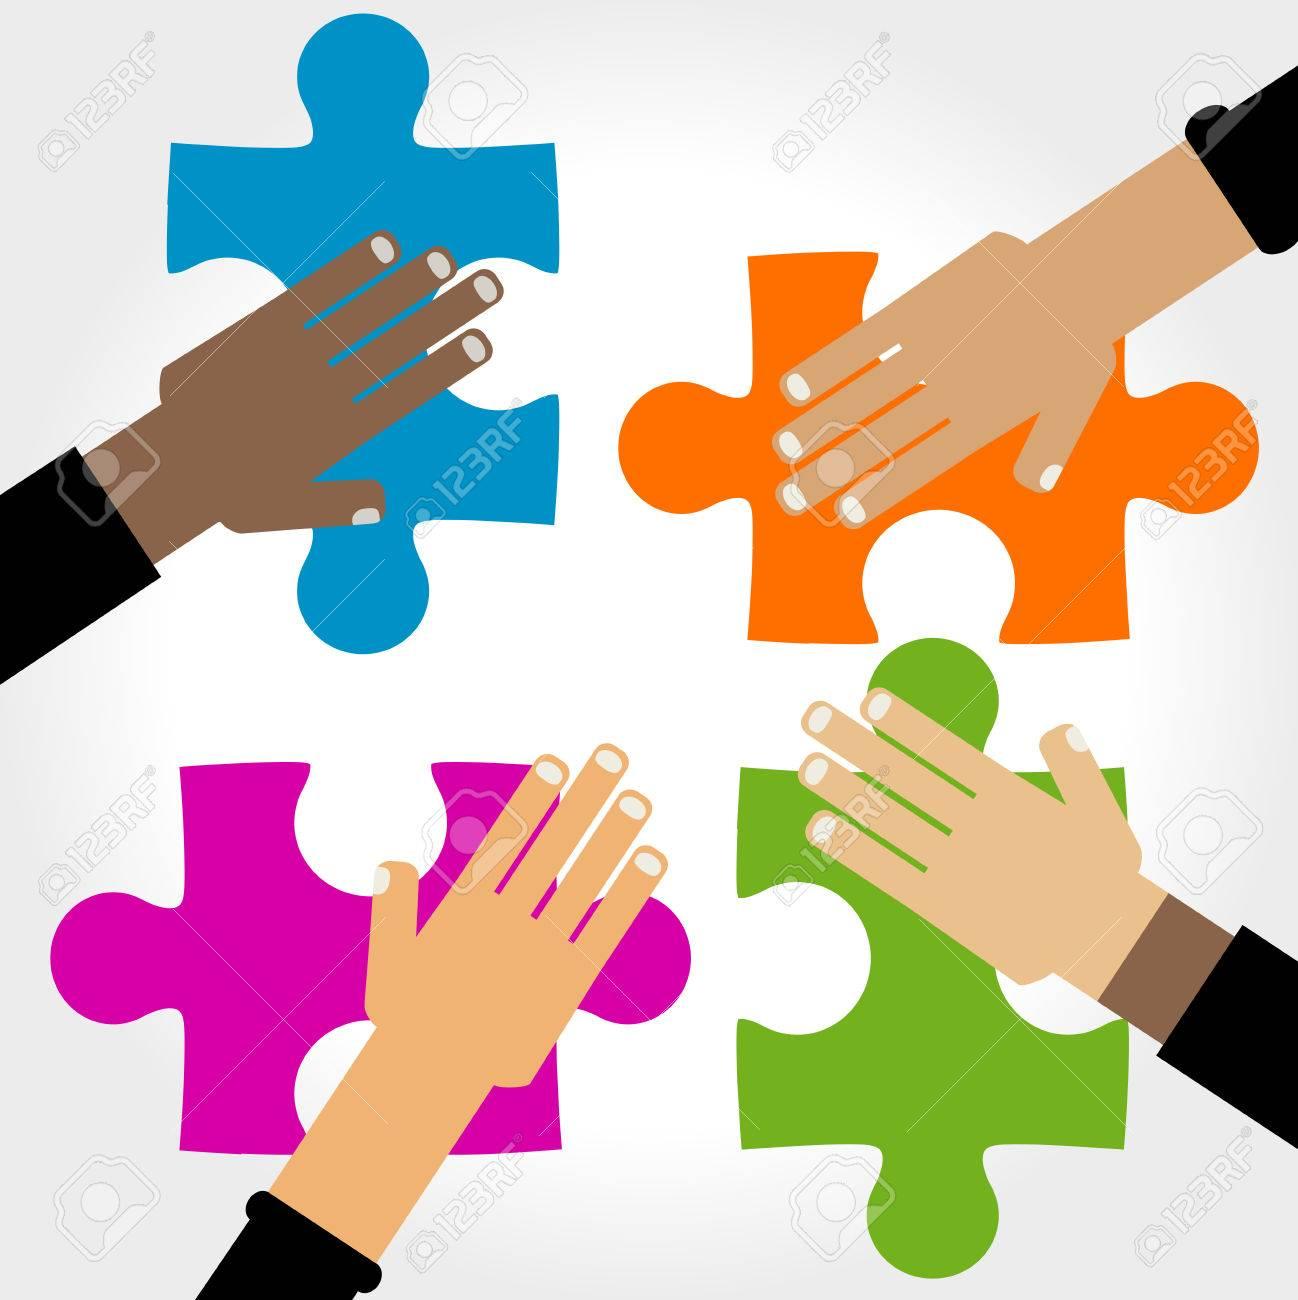 Diversità mani di puzzle illustrazione Archivio Fotografico - 55949082 ced254515852